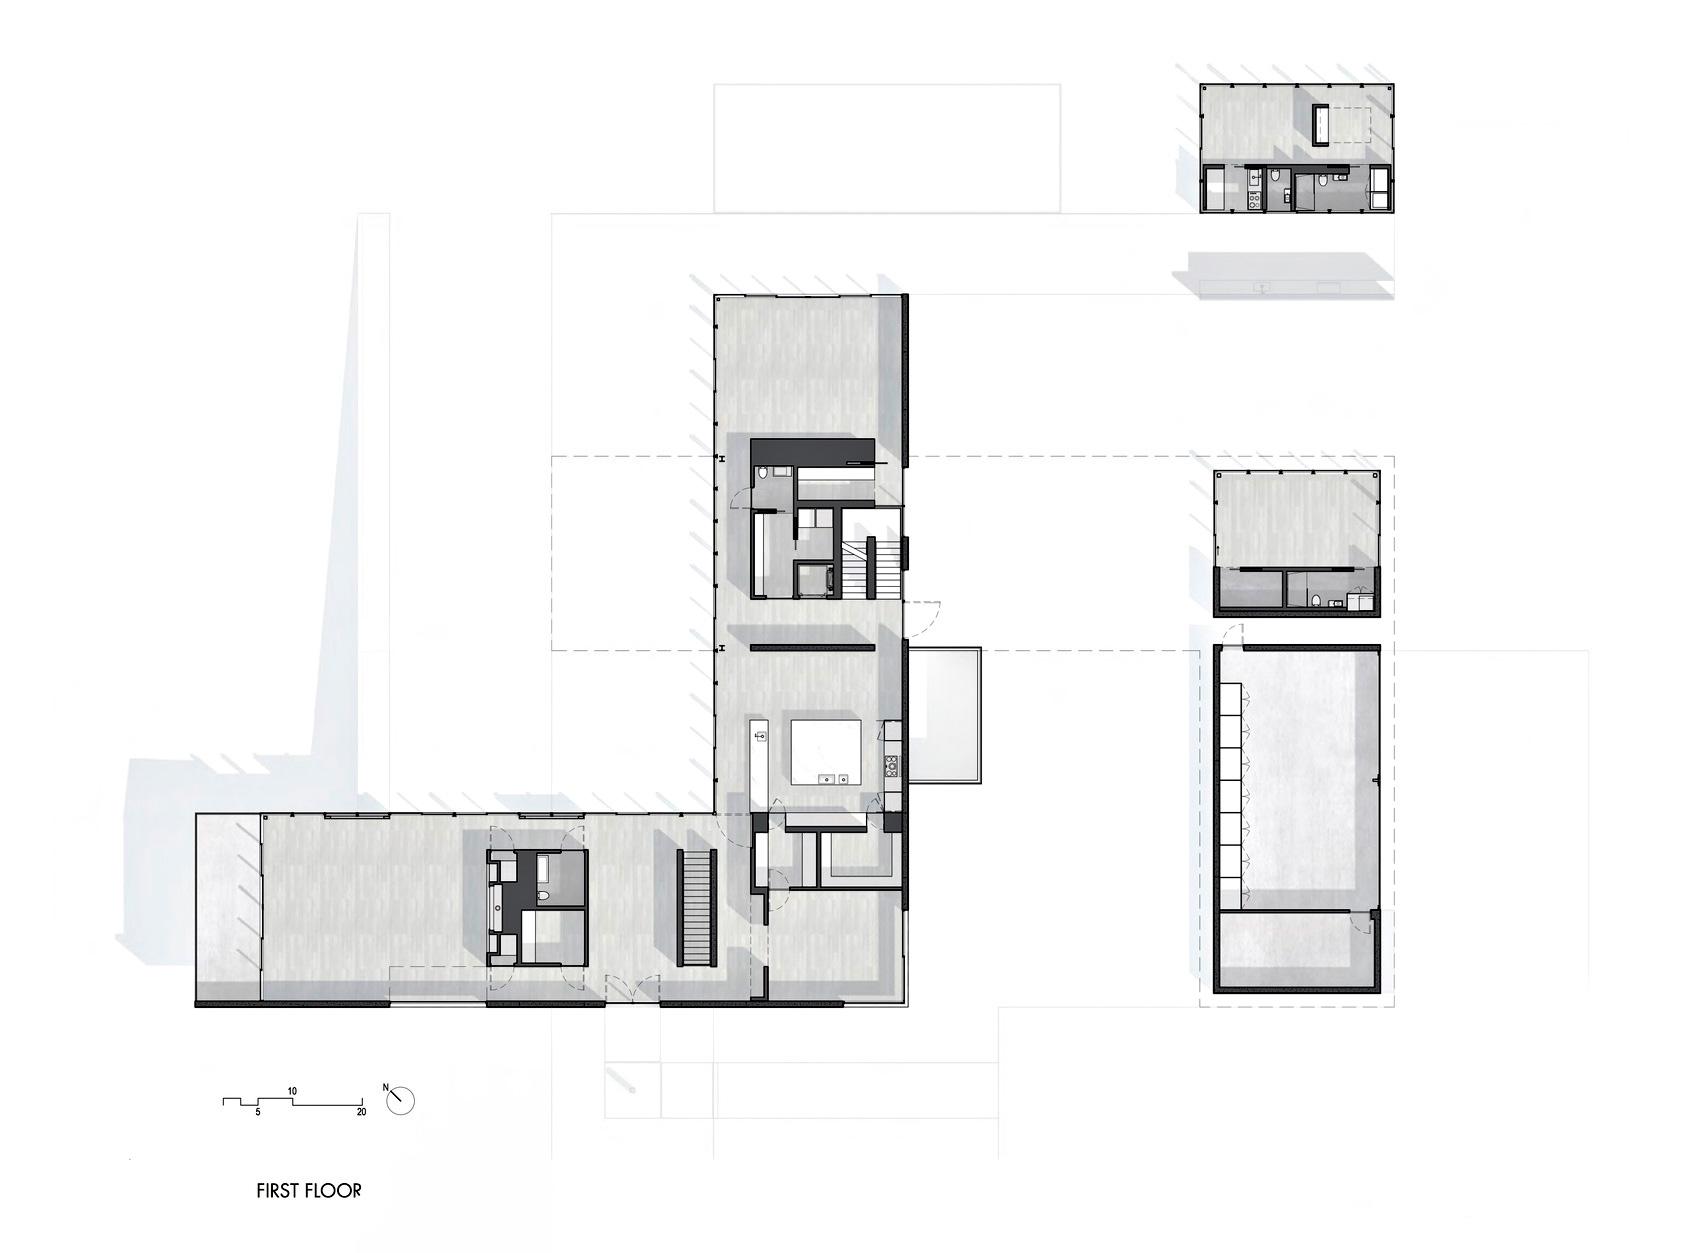 Floor Plan - Oz House Luxury Residence - Ridge View Dr, Atherton, CA, USA